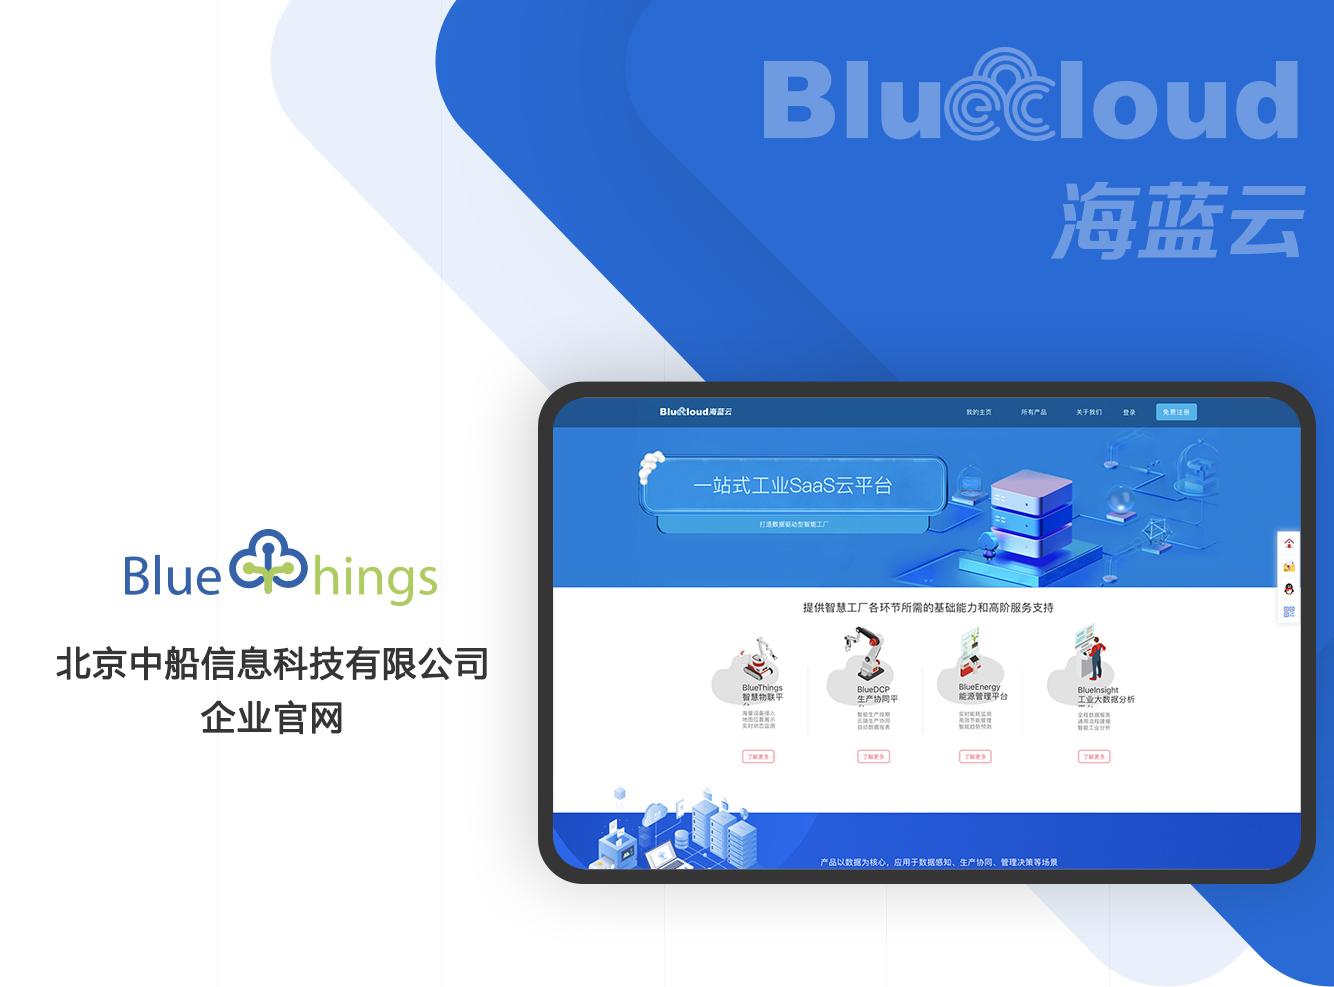 【企业官网】北京中船信息科技有限公司